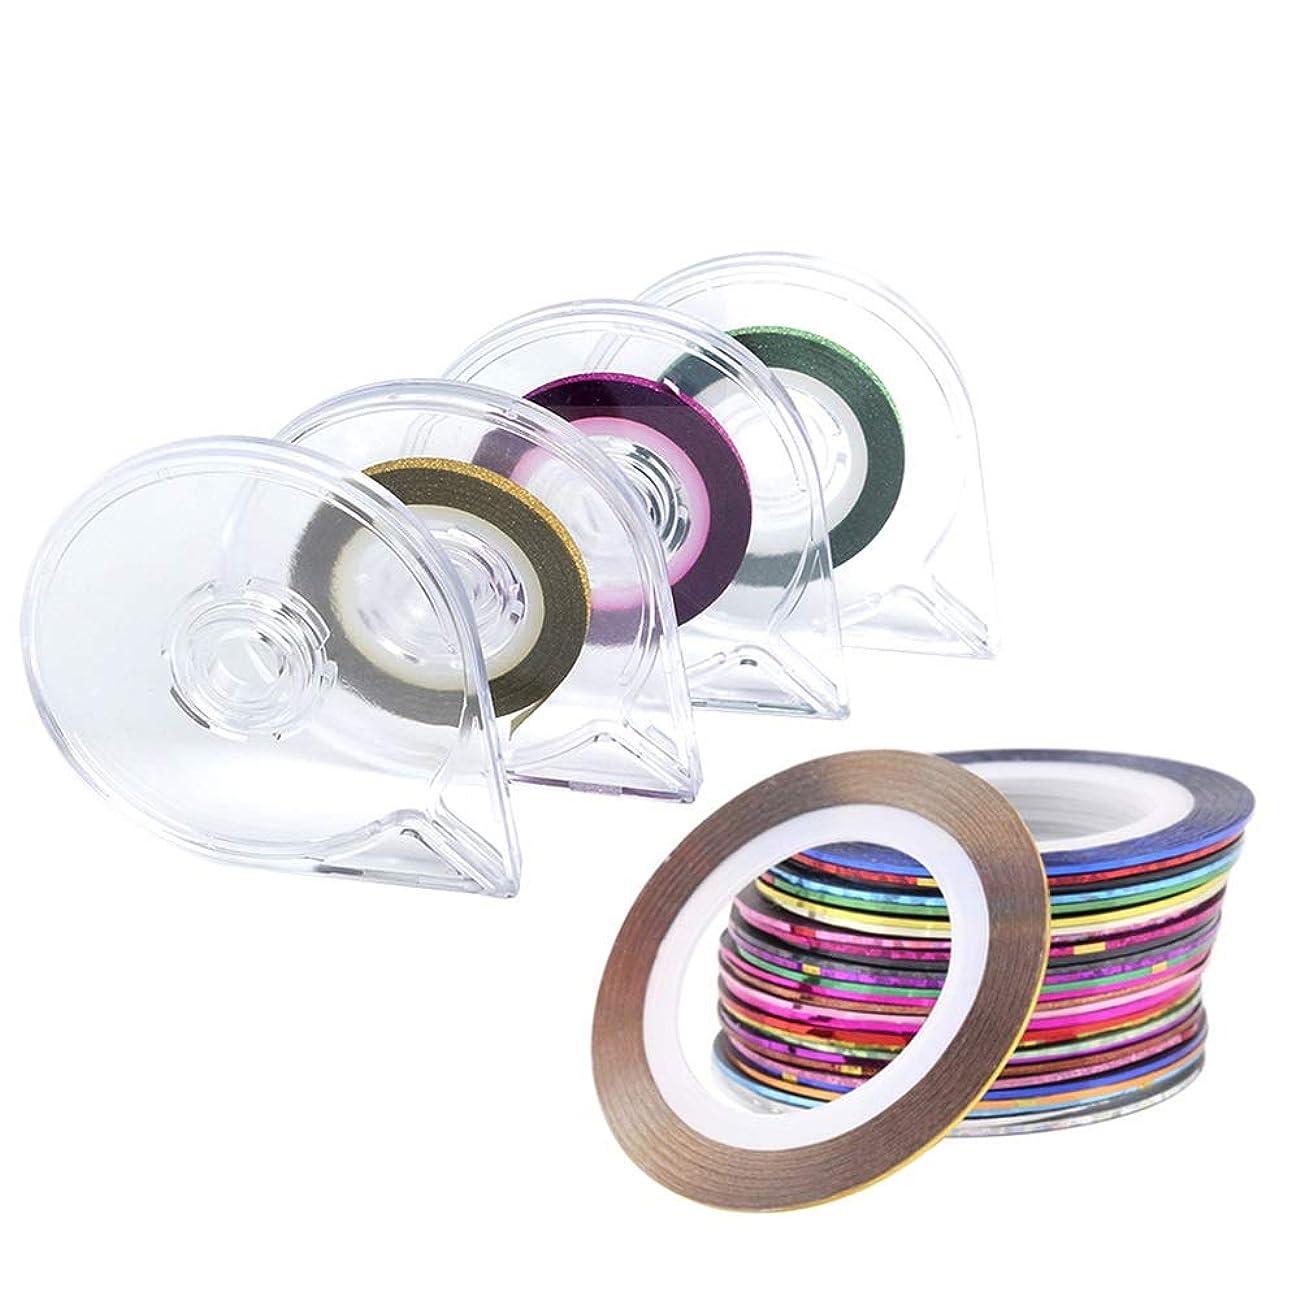 おもてなしモロニック薄めるビューティフル 女性 レーザーラインテープネイルアート用 ラインテープ シート ジェルネイル用 マニキュア セット ジェルネイル アート用ラインテープ 専用ケース付き 30ピース (Color : Mixed Colour)